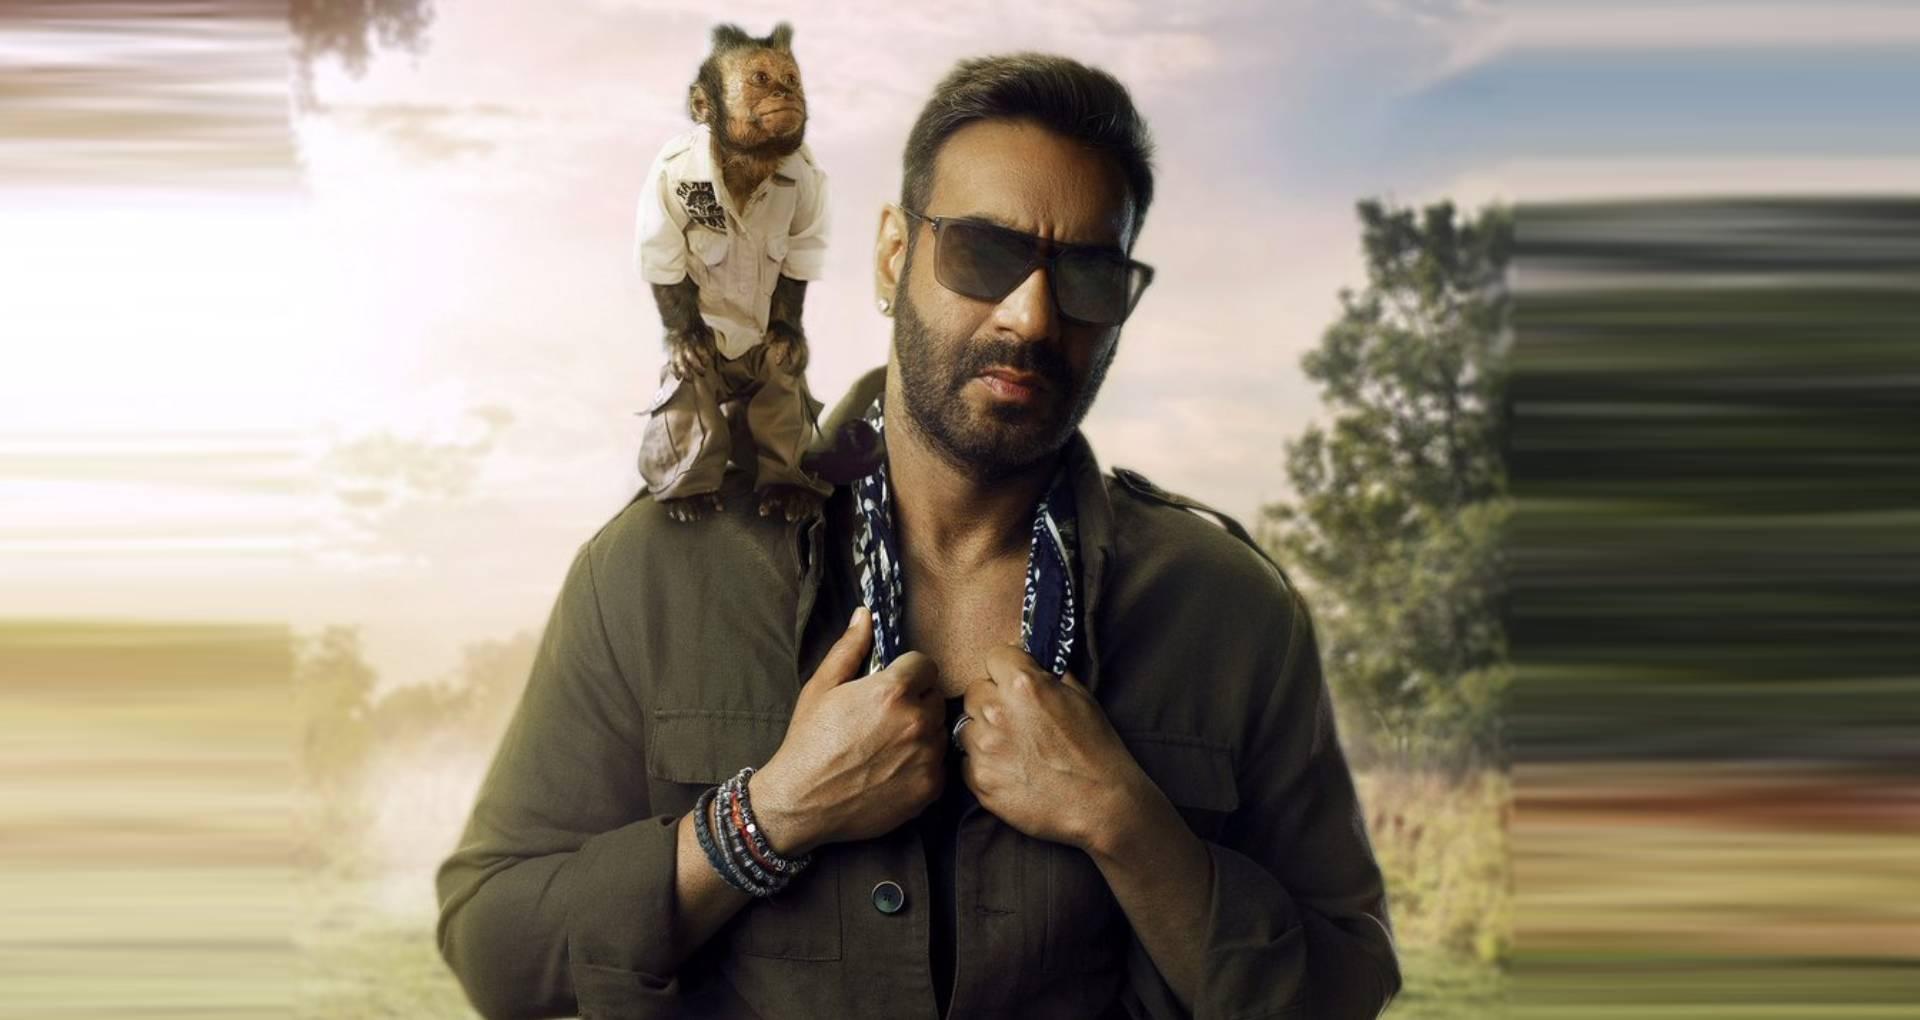 फिल्म टोटल धमाल से बॉलीवुड में डेब्यू करेंगी हॉलीवुड की ये एनिमल एक्ट्रेस, अजय देवगन ने किया वेलकम